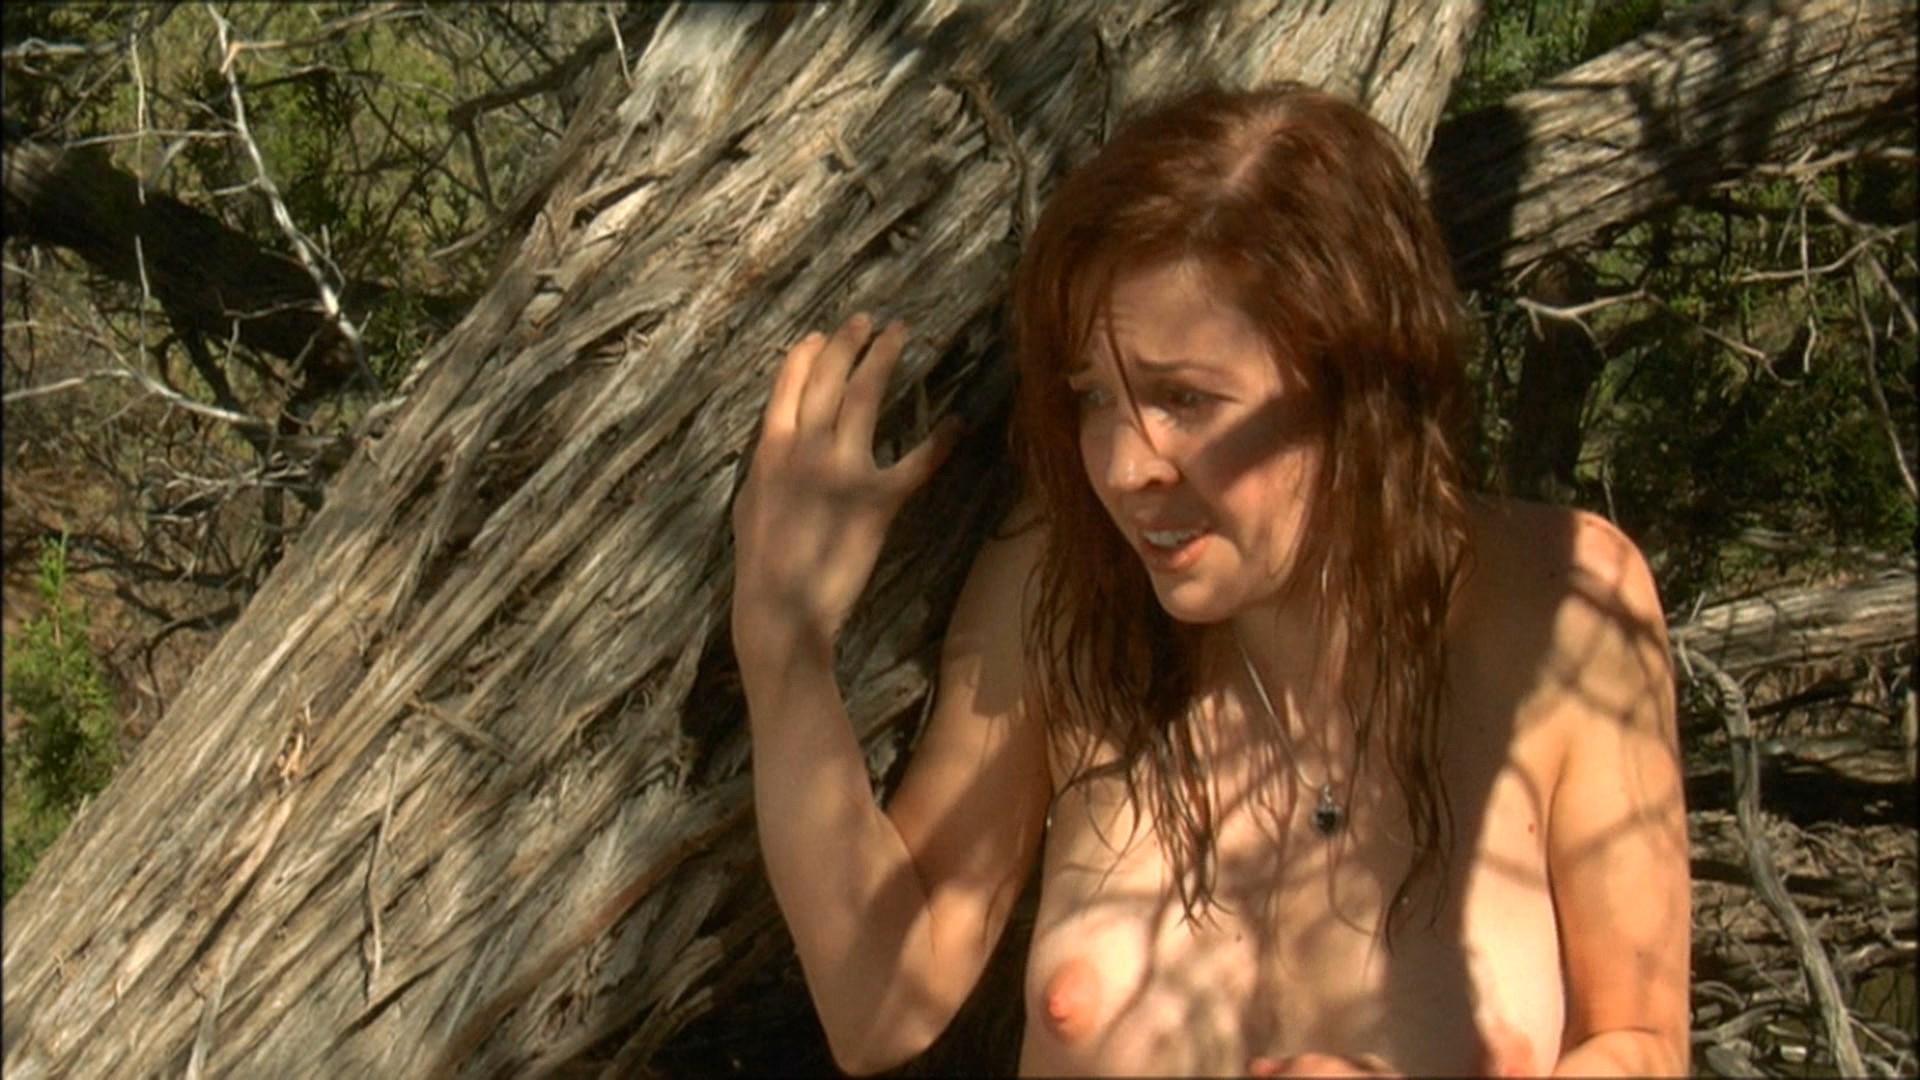 Naked And Afraid Nipple Slip